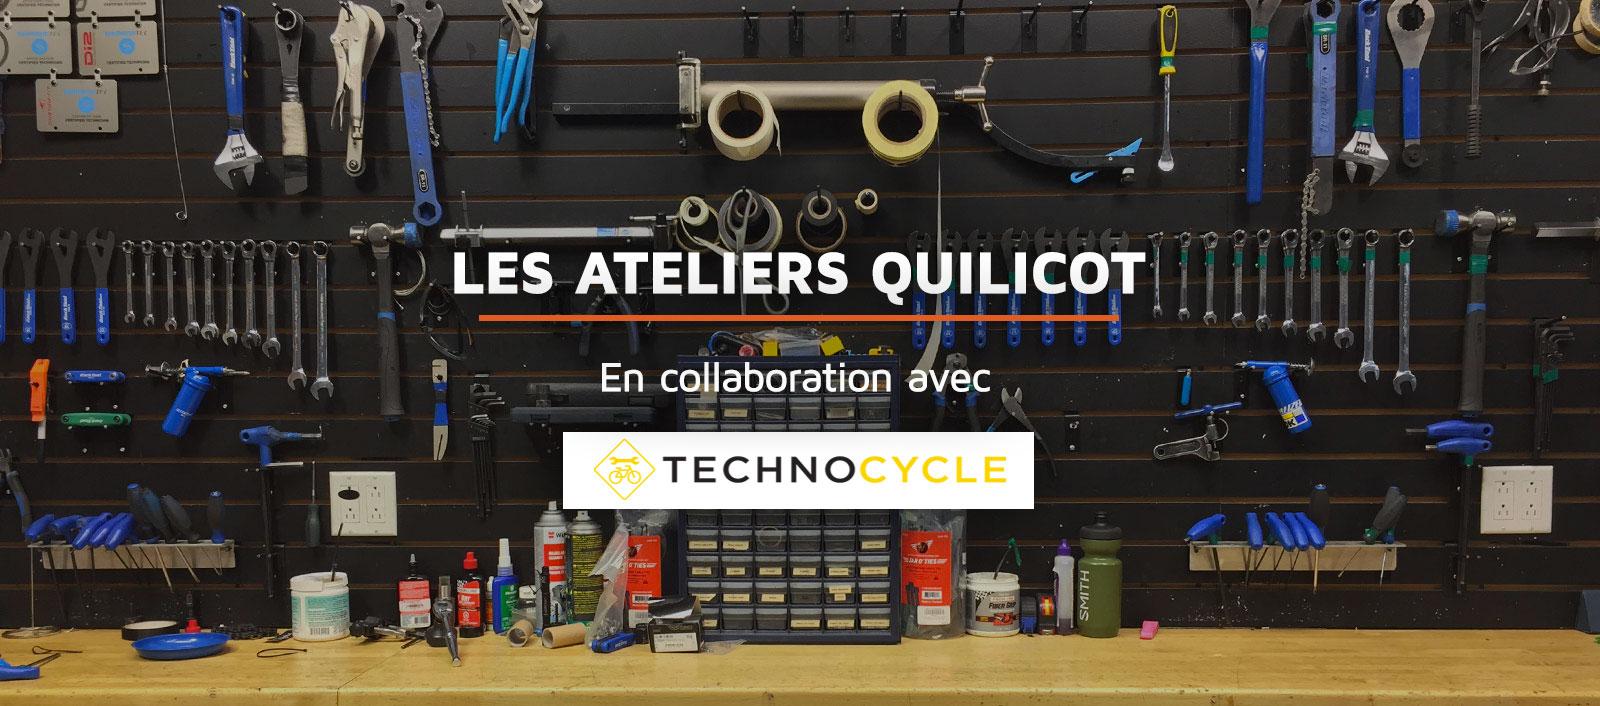 Cours mecanique Quilicot_atelier